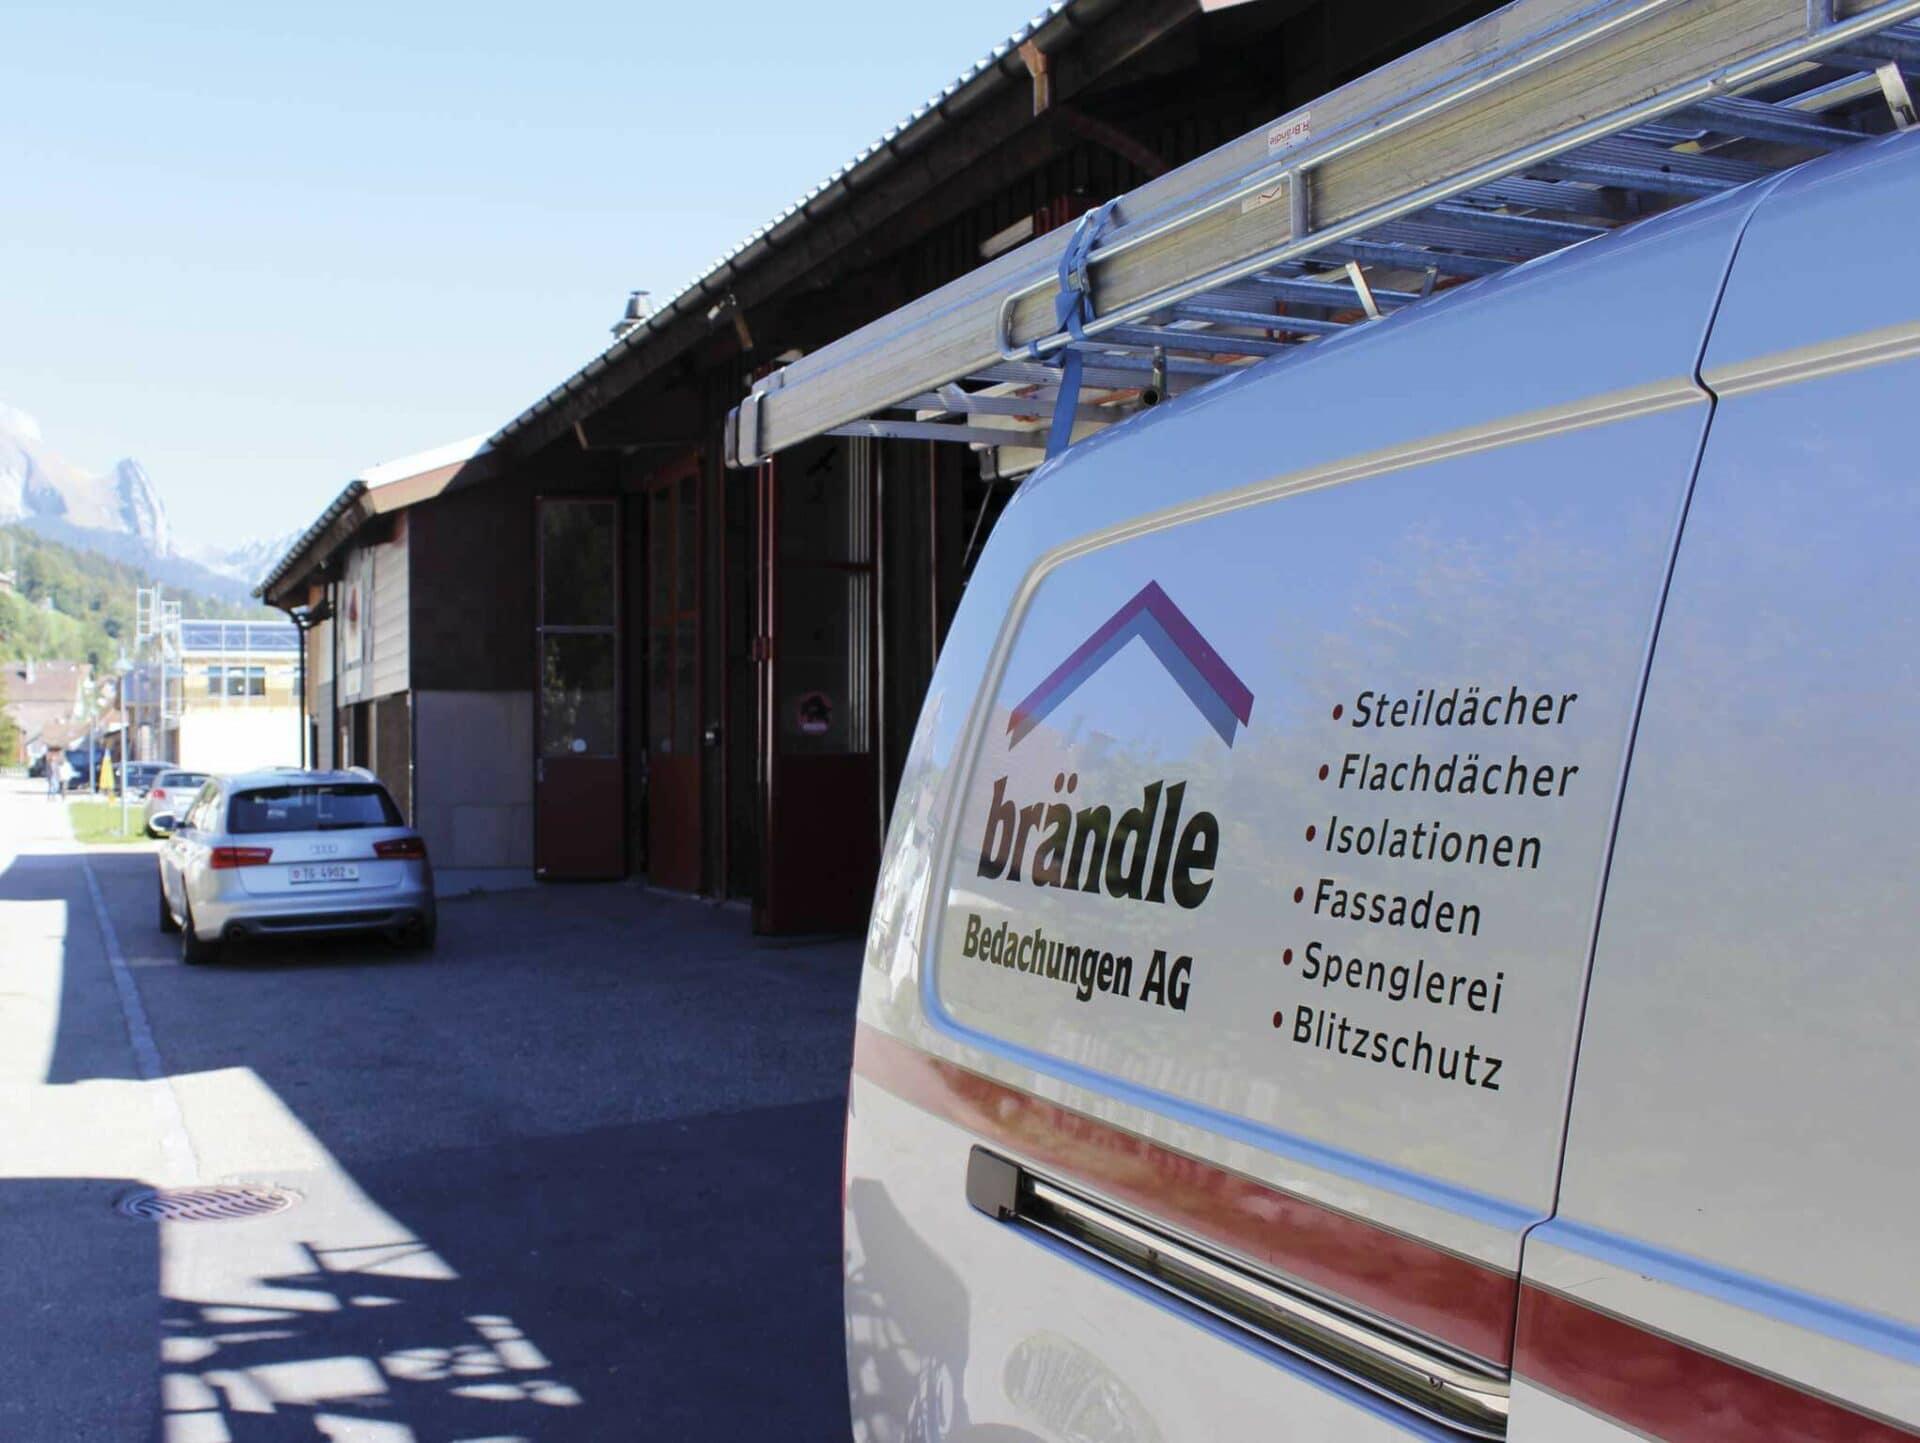 SPEZIALIST FÜR ARBEITEN RUND UM DIE GEBÄUDEHÜLLE:Die Firma Brändle aus Alt St. Johann im Obertoggenburg: